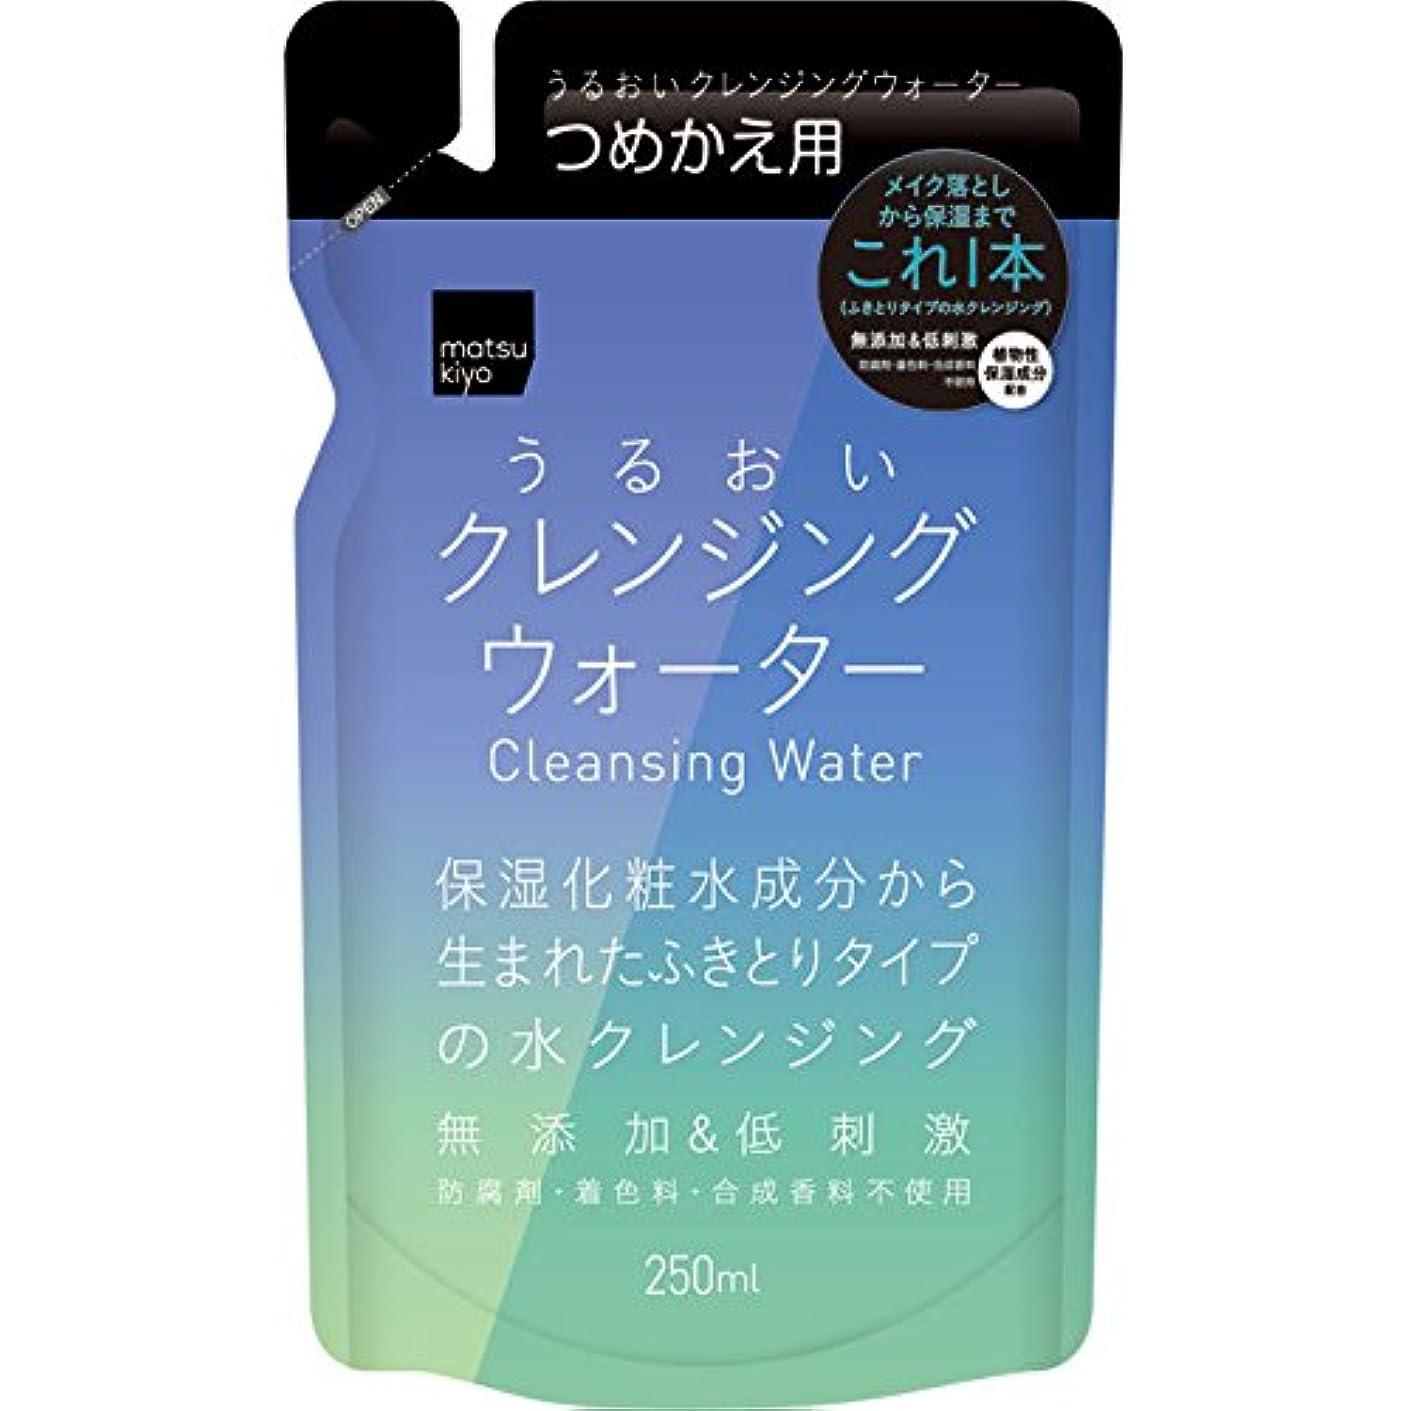 真面目な入場に付けるmatsukiyo うるおいクレンジングウォーター 詰替 250ml詰替